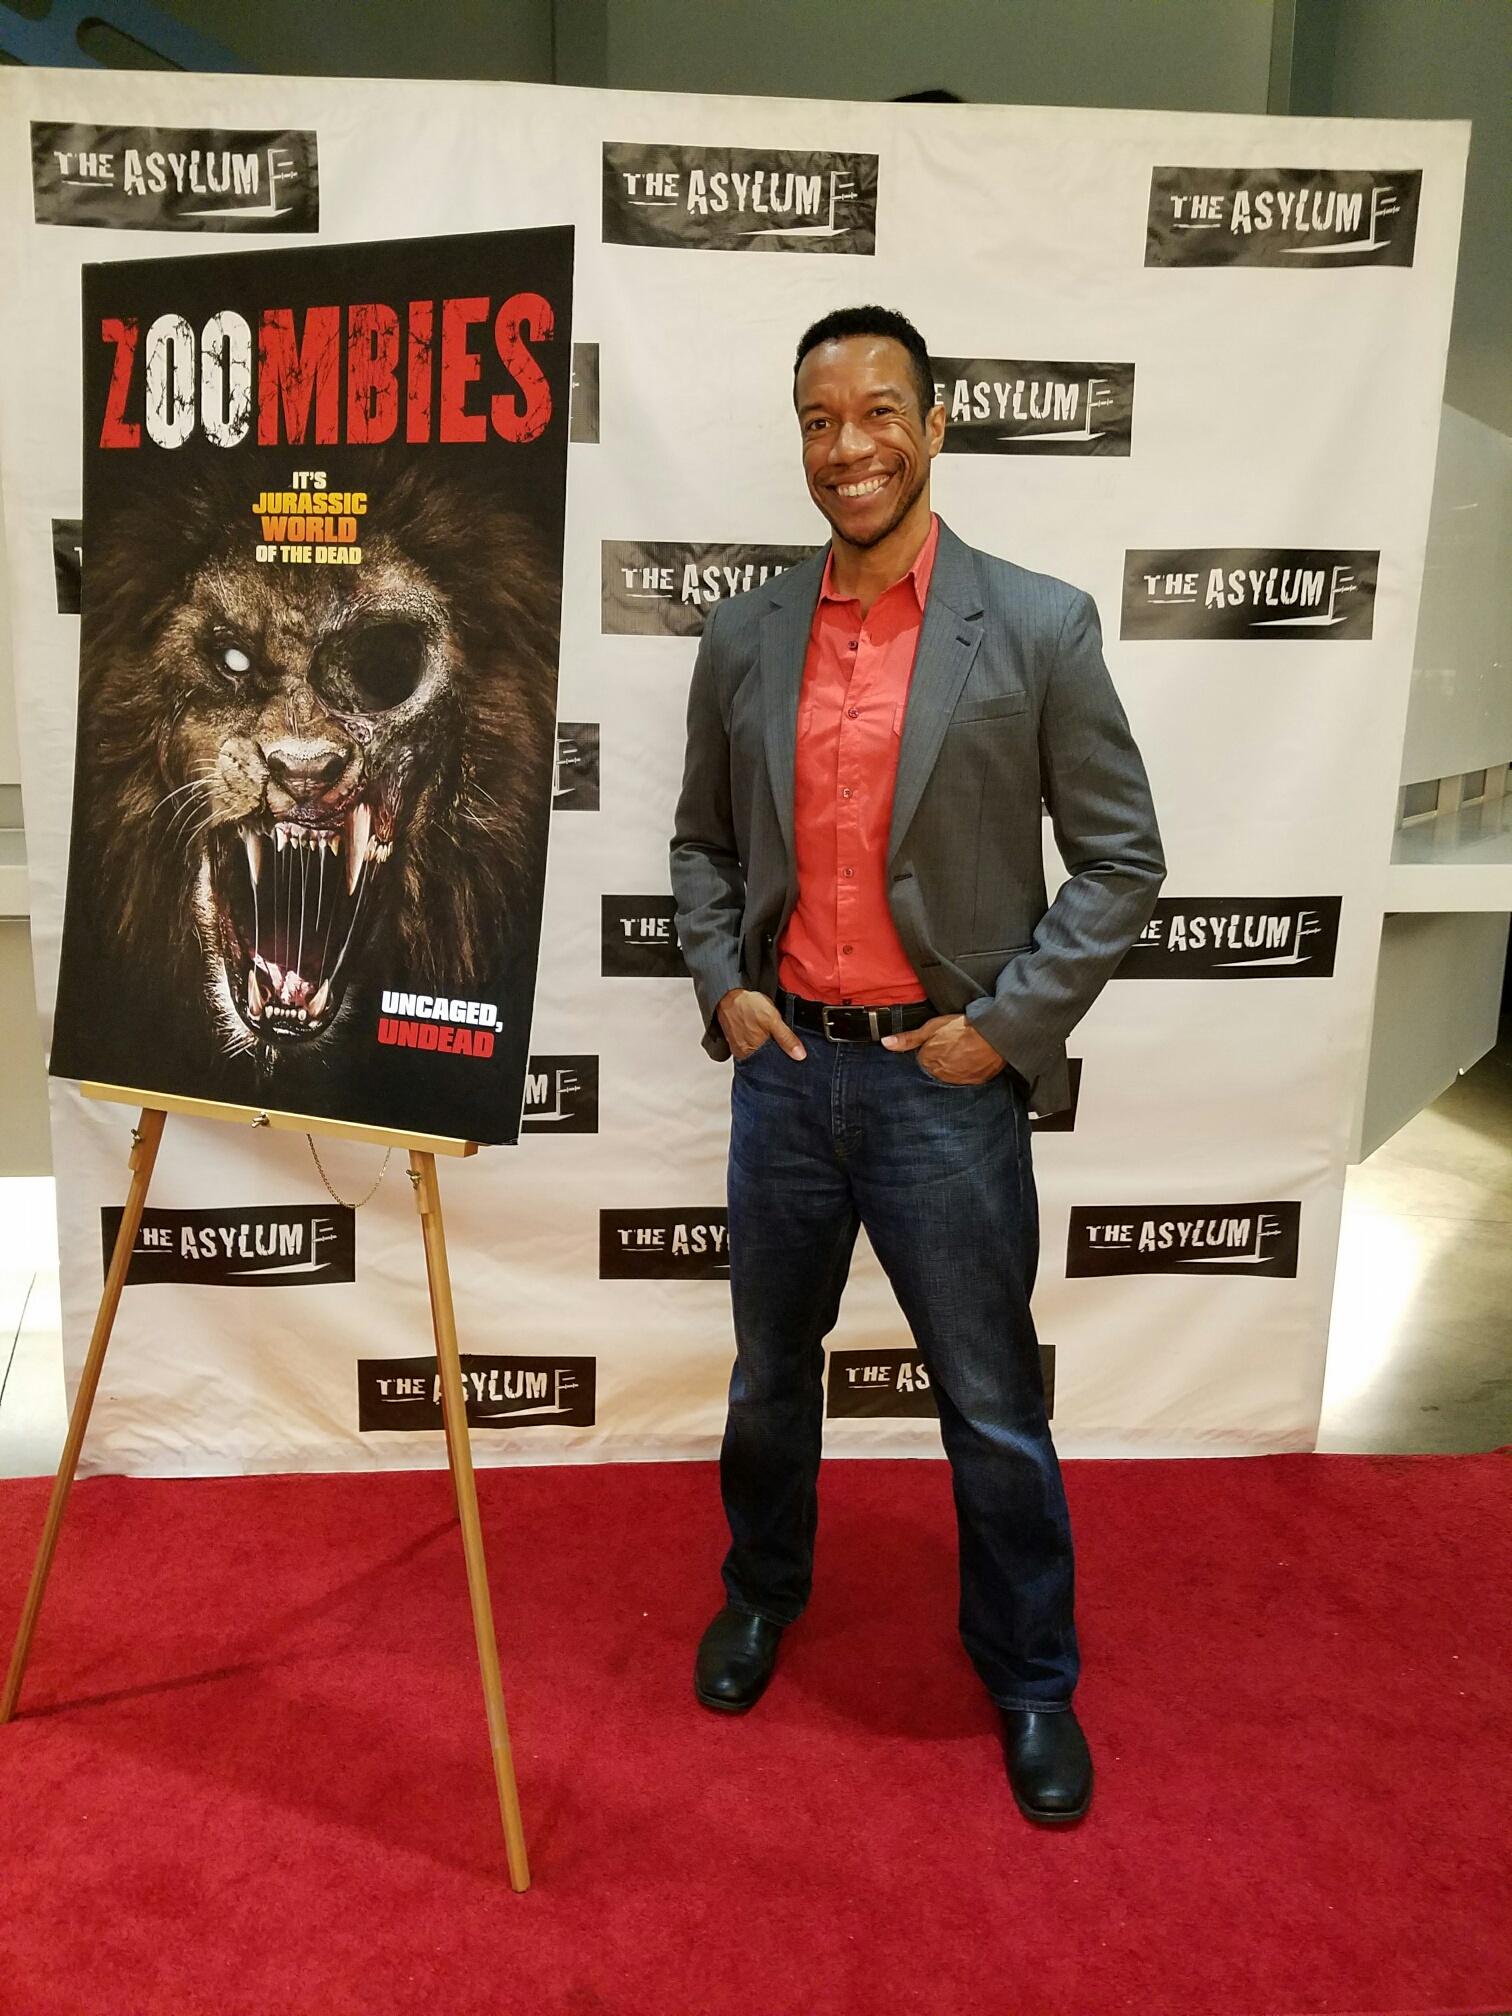 Zoombies premiere screening